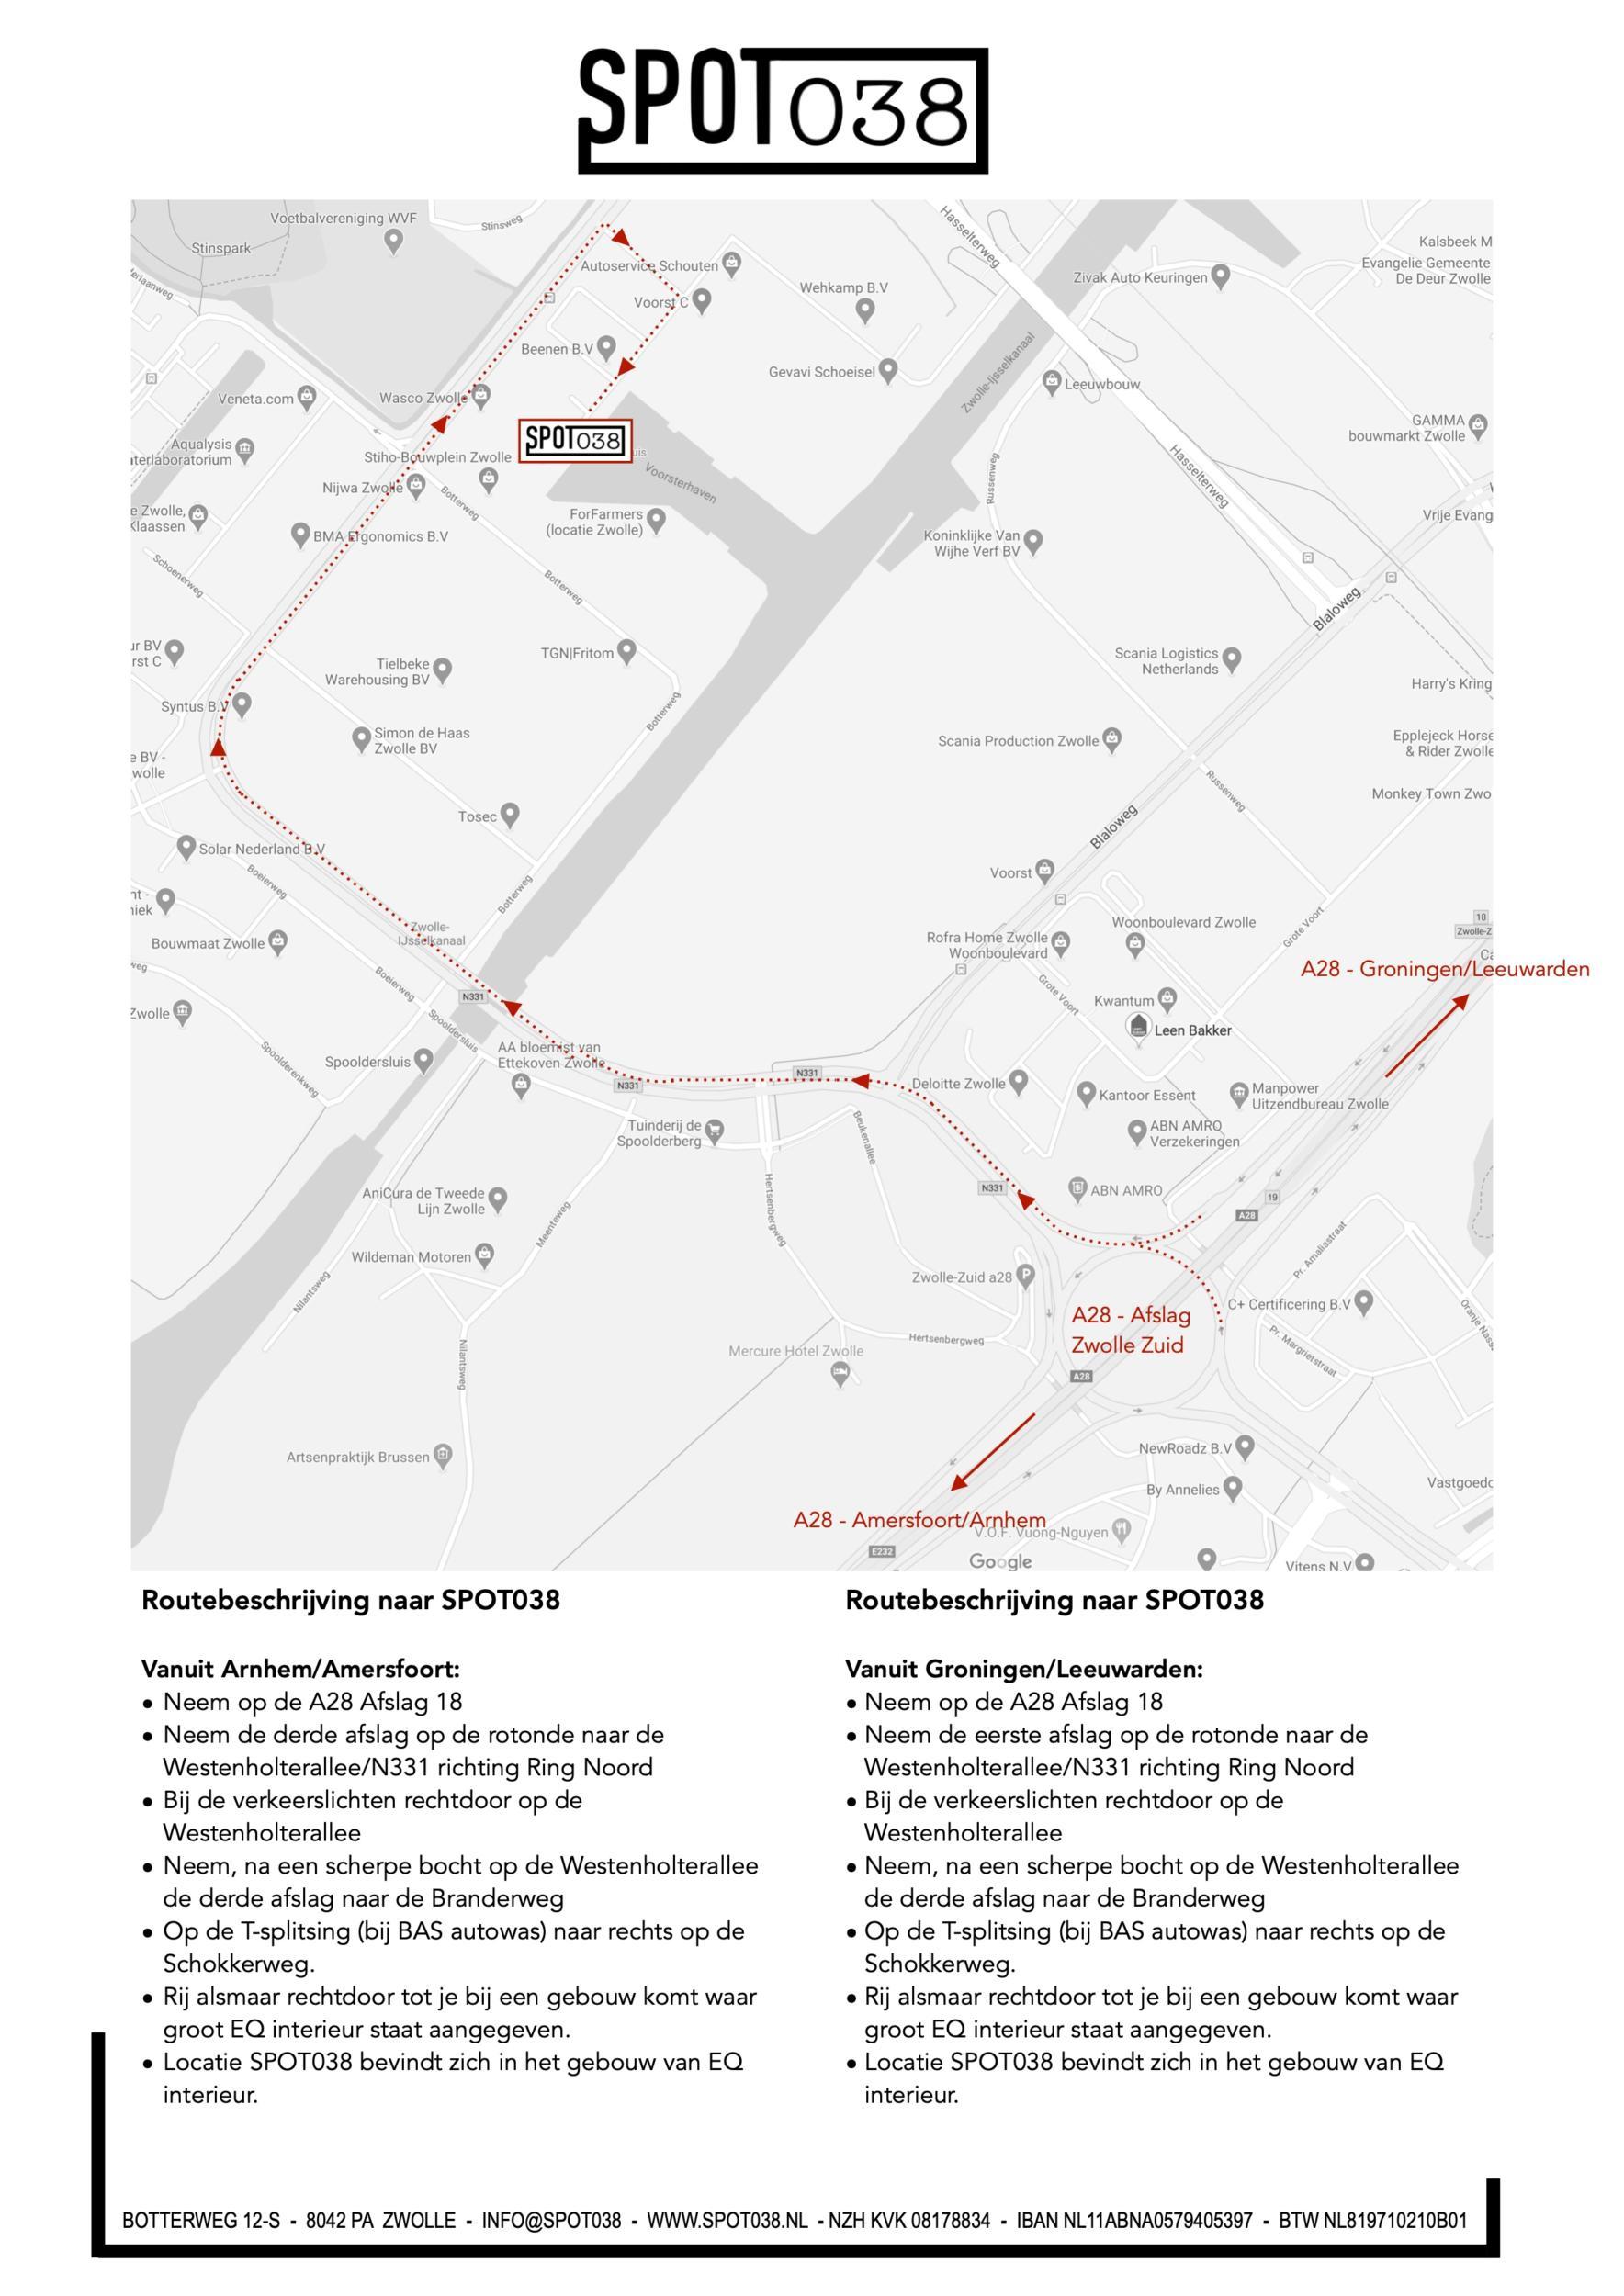 SPOT038 routebeschrijving